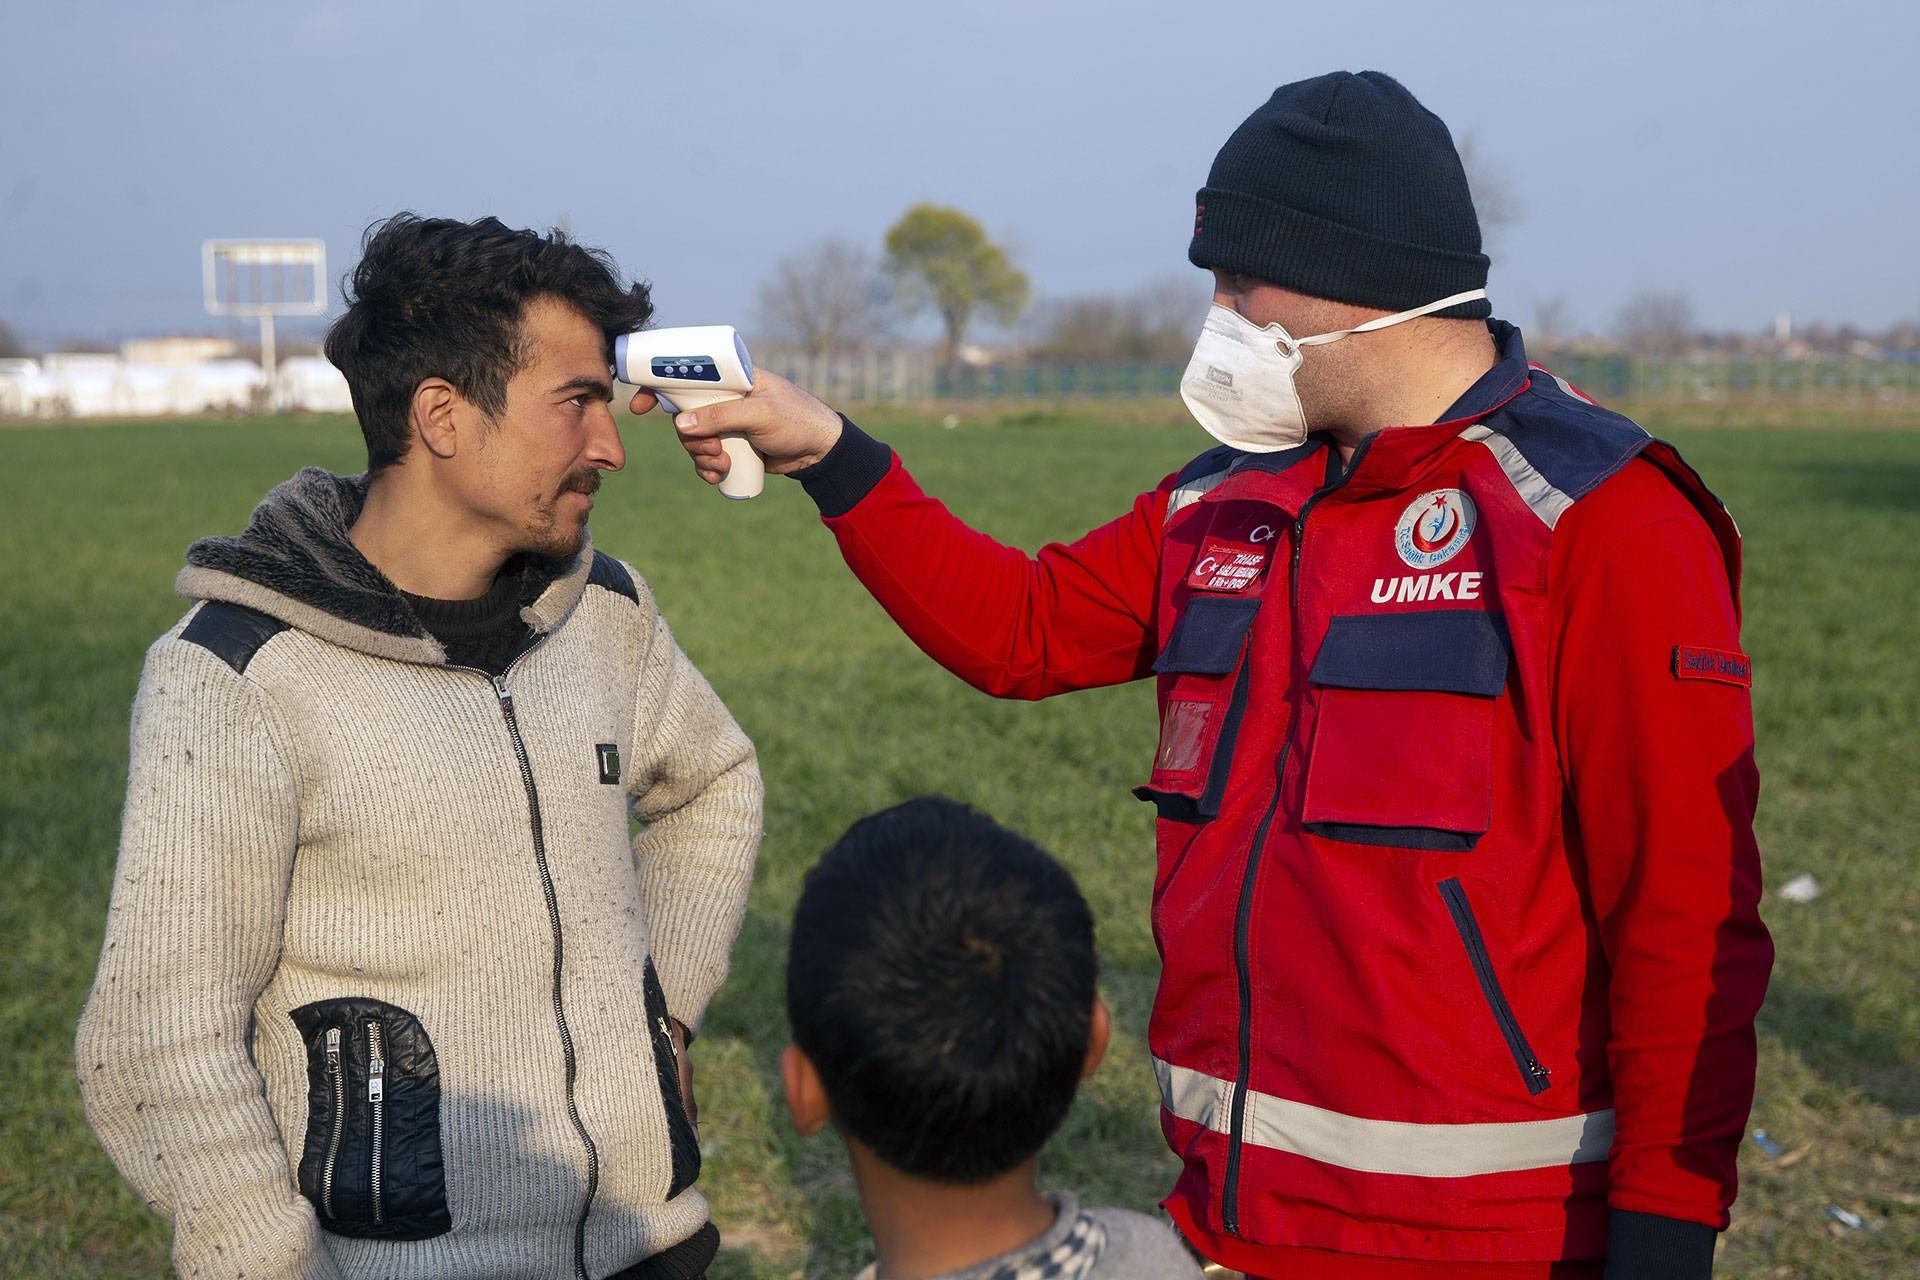 Sınırda ateş ölçer testi yapılan mülteci